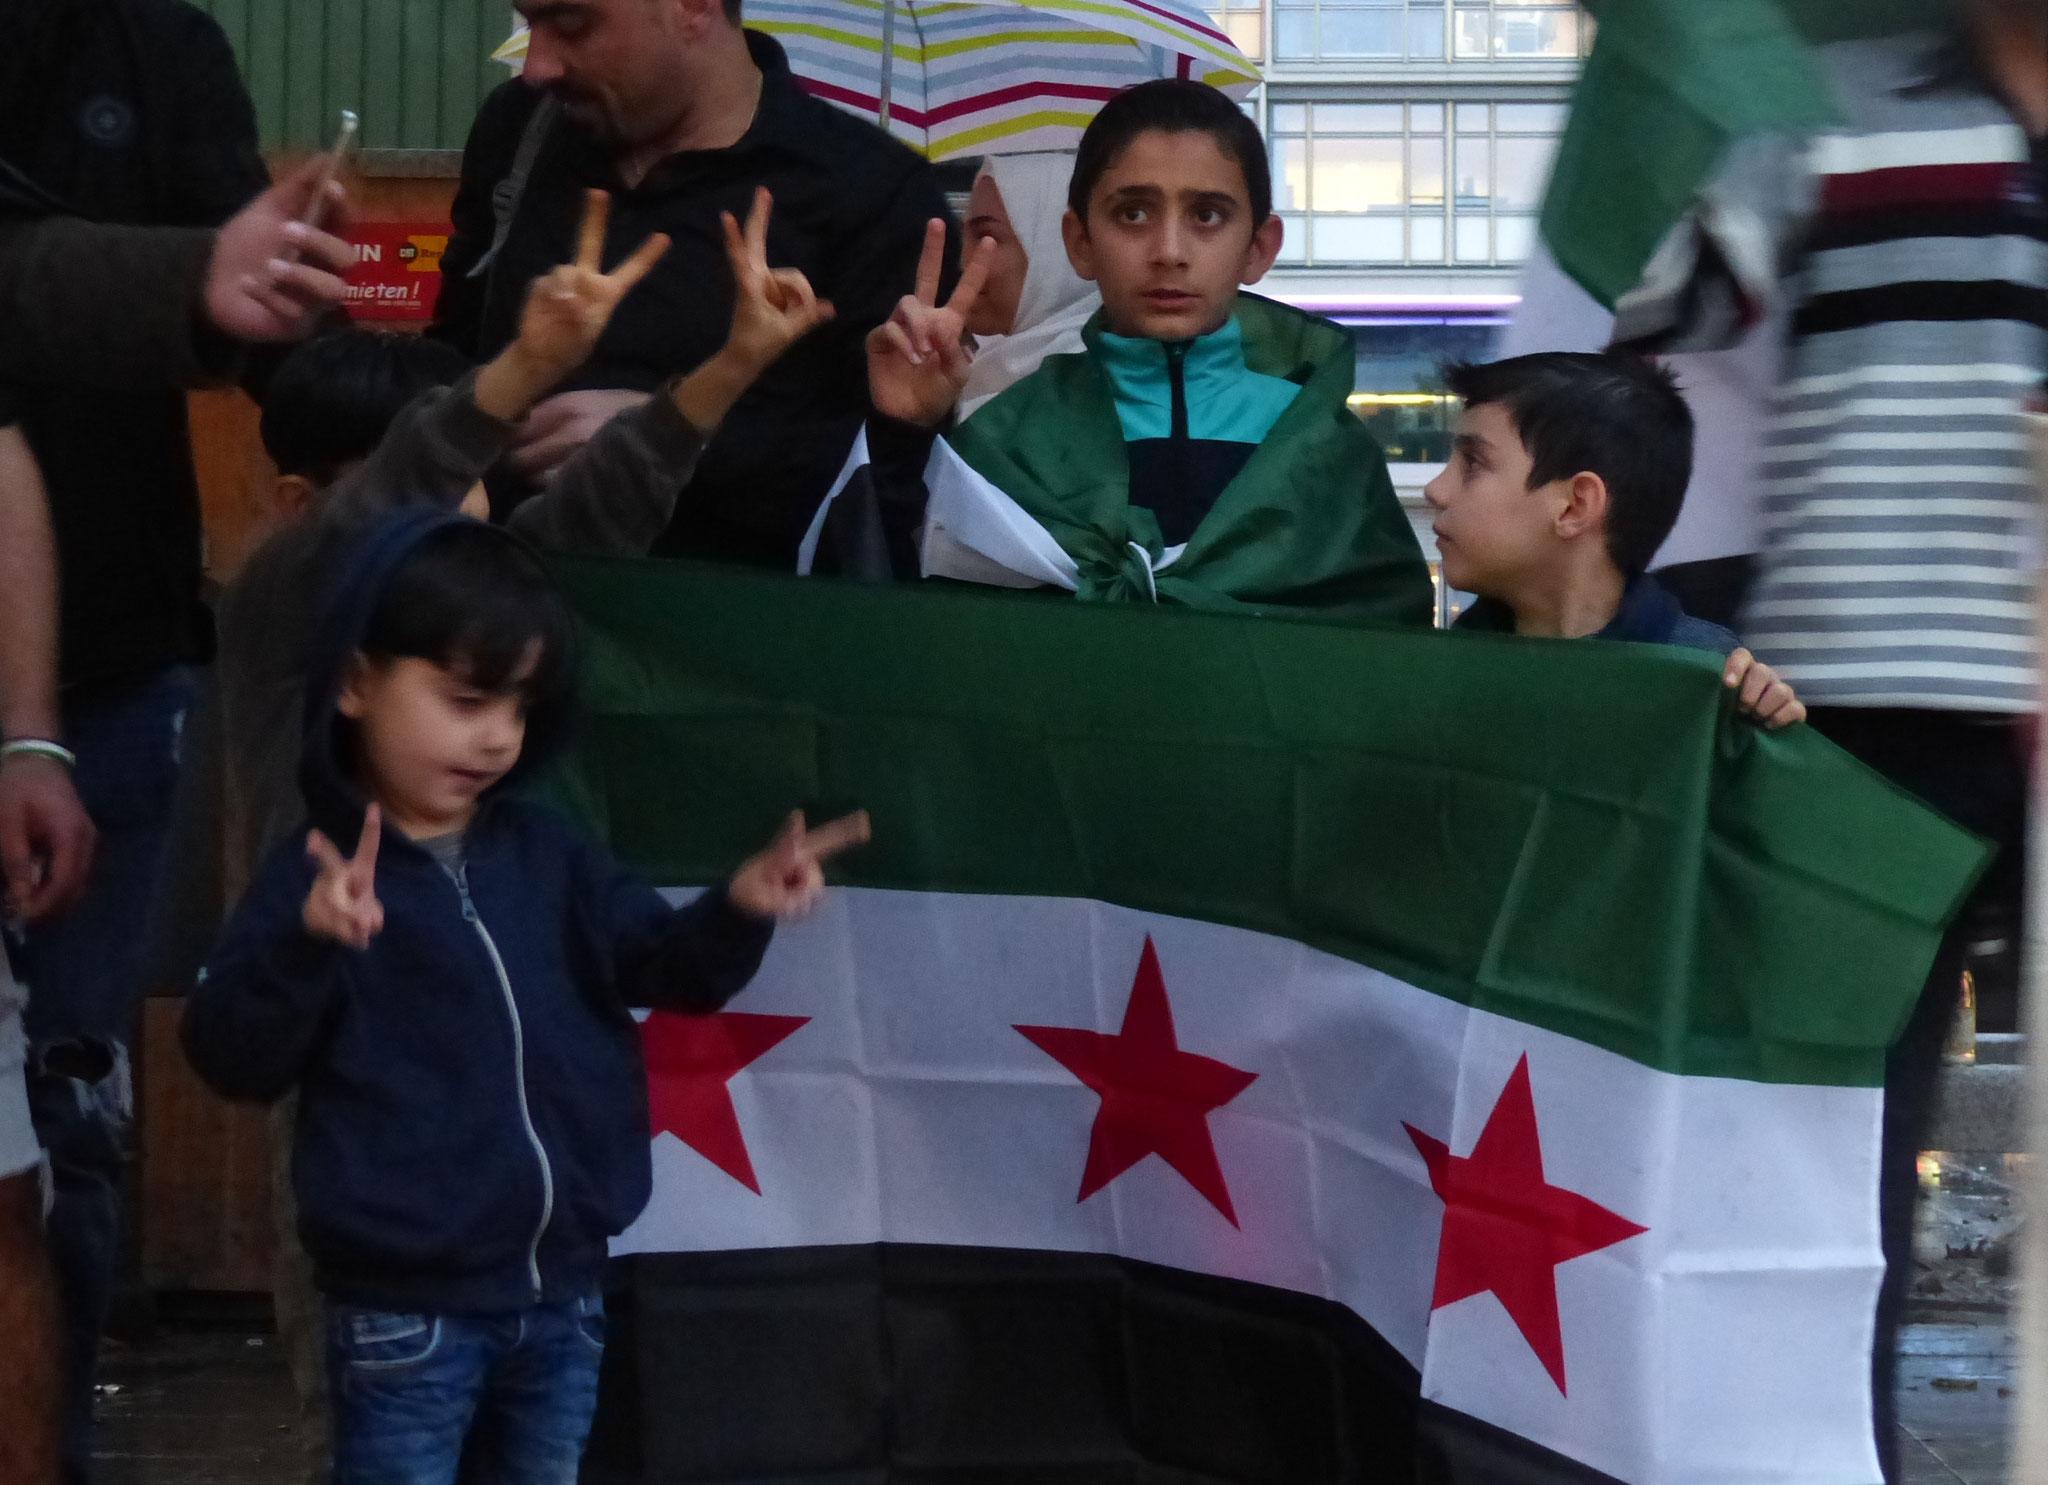 Freiheit und Gerechtigkeit für Syrien! - Photo: Jens-Martin Rode